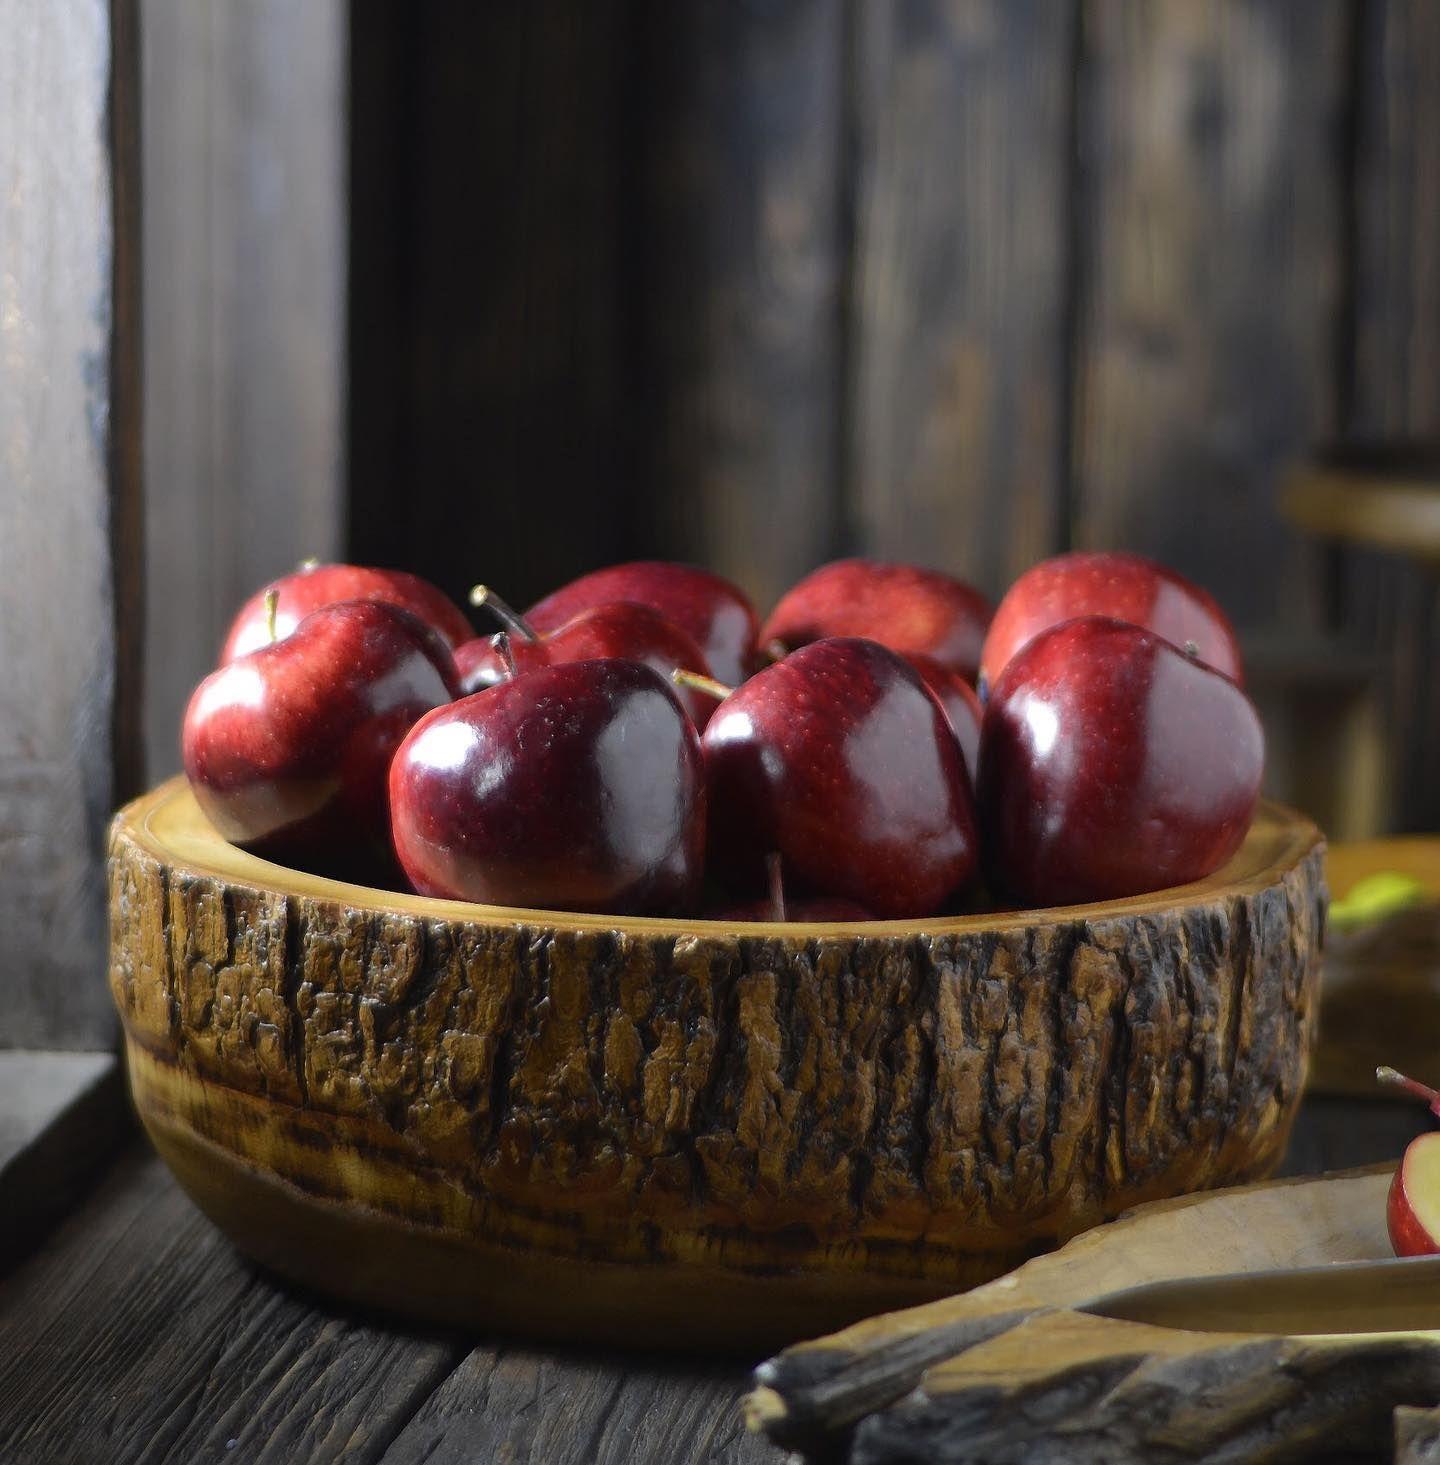 اناء من خشب المانجو بارتفاع 11 سم وقطر 30 سم بسعر 120 ريال Serving Bowls Food Fruit